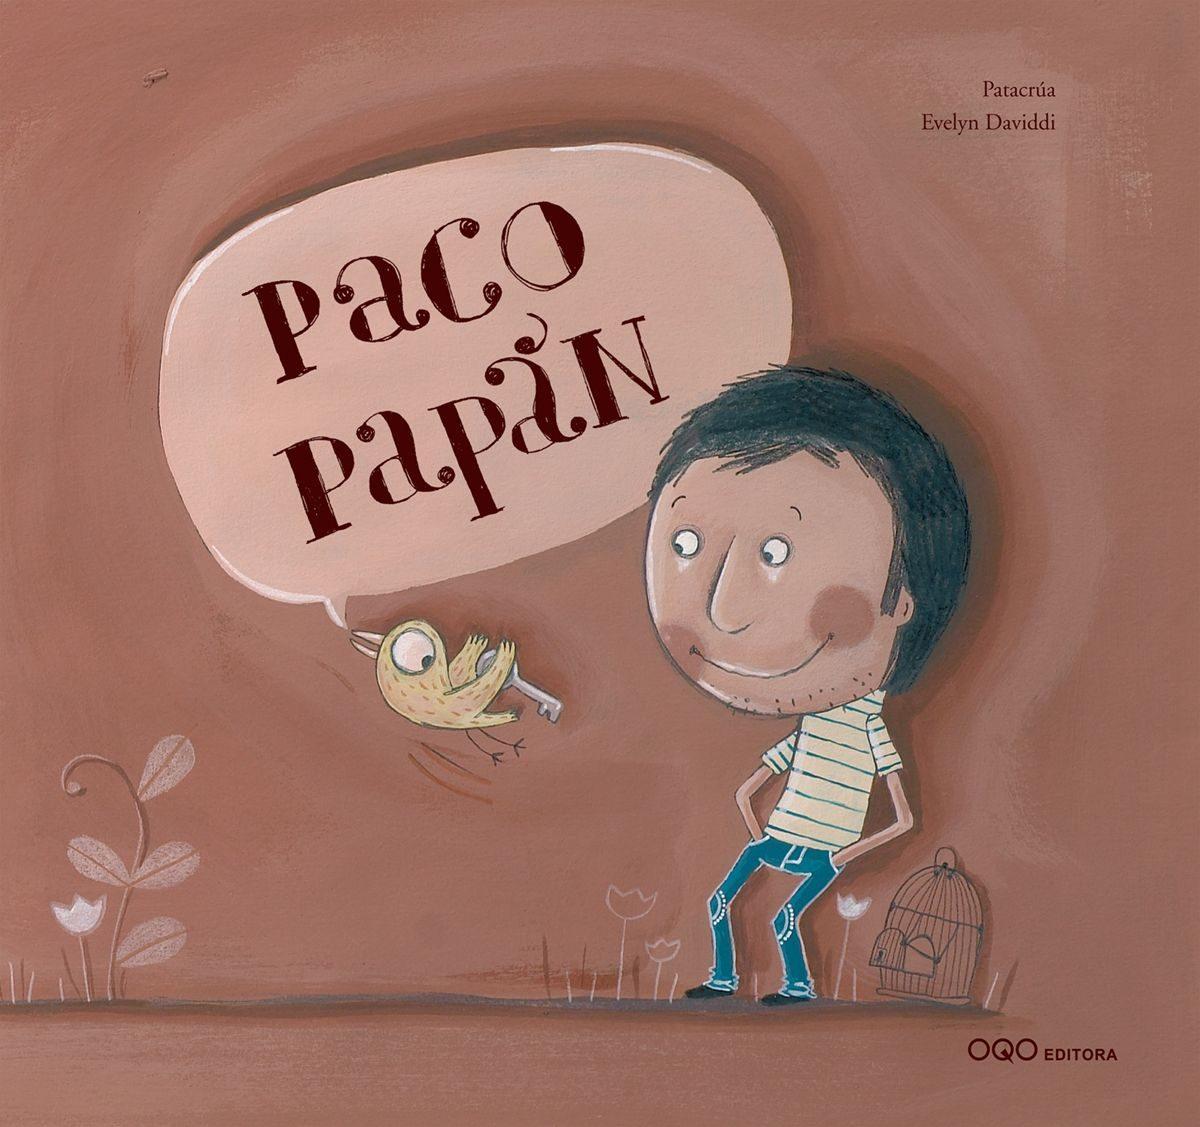 Paco Papan por Patacrua